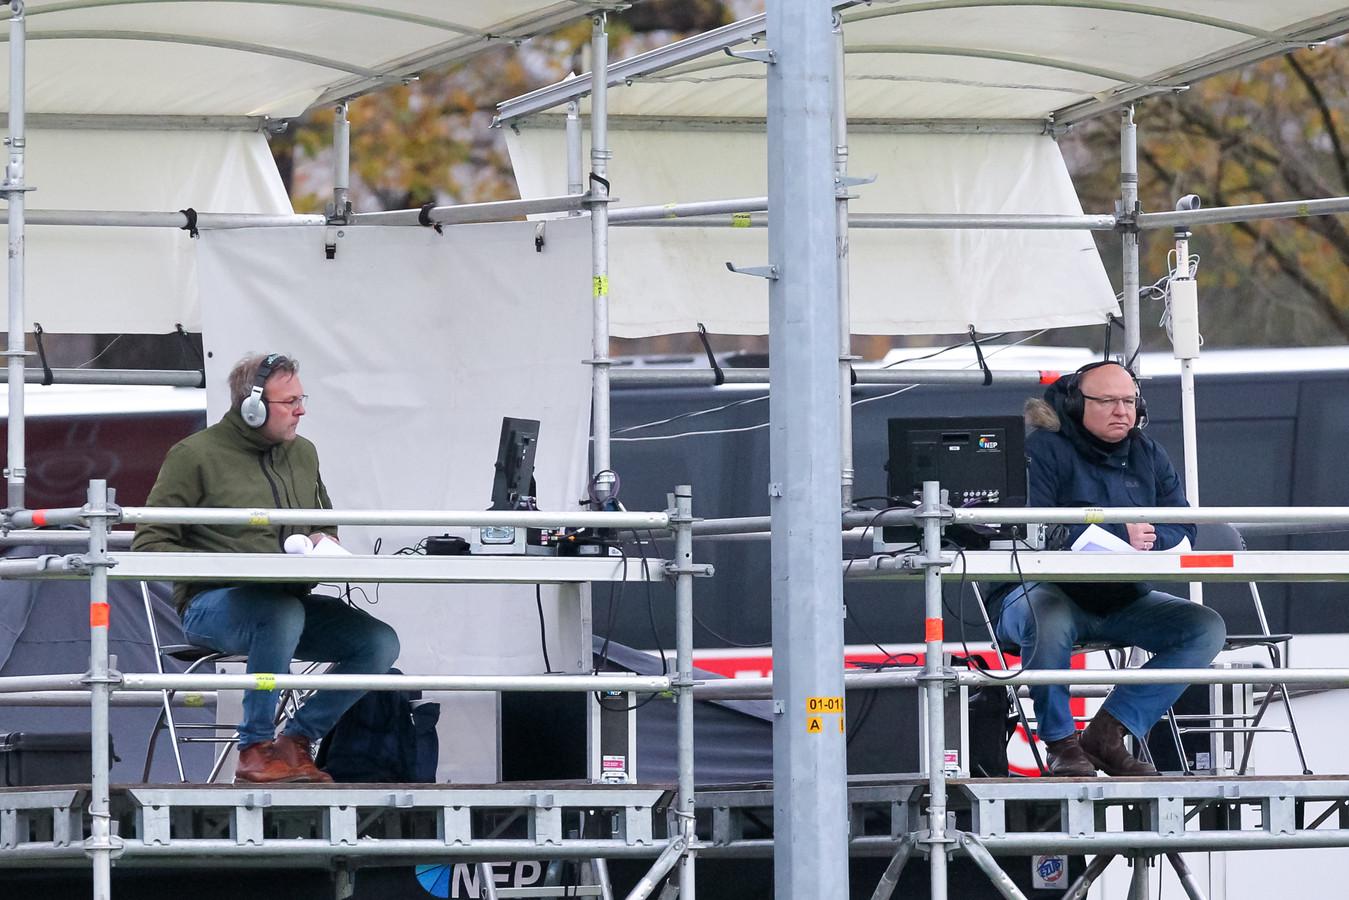 De NOS zond zondag voor het eerst in de historie een wedstrijd uit de eredivisie vrouwen rechtstreeks uit. Rechts commentator Frank Wielaert.